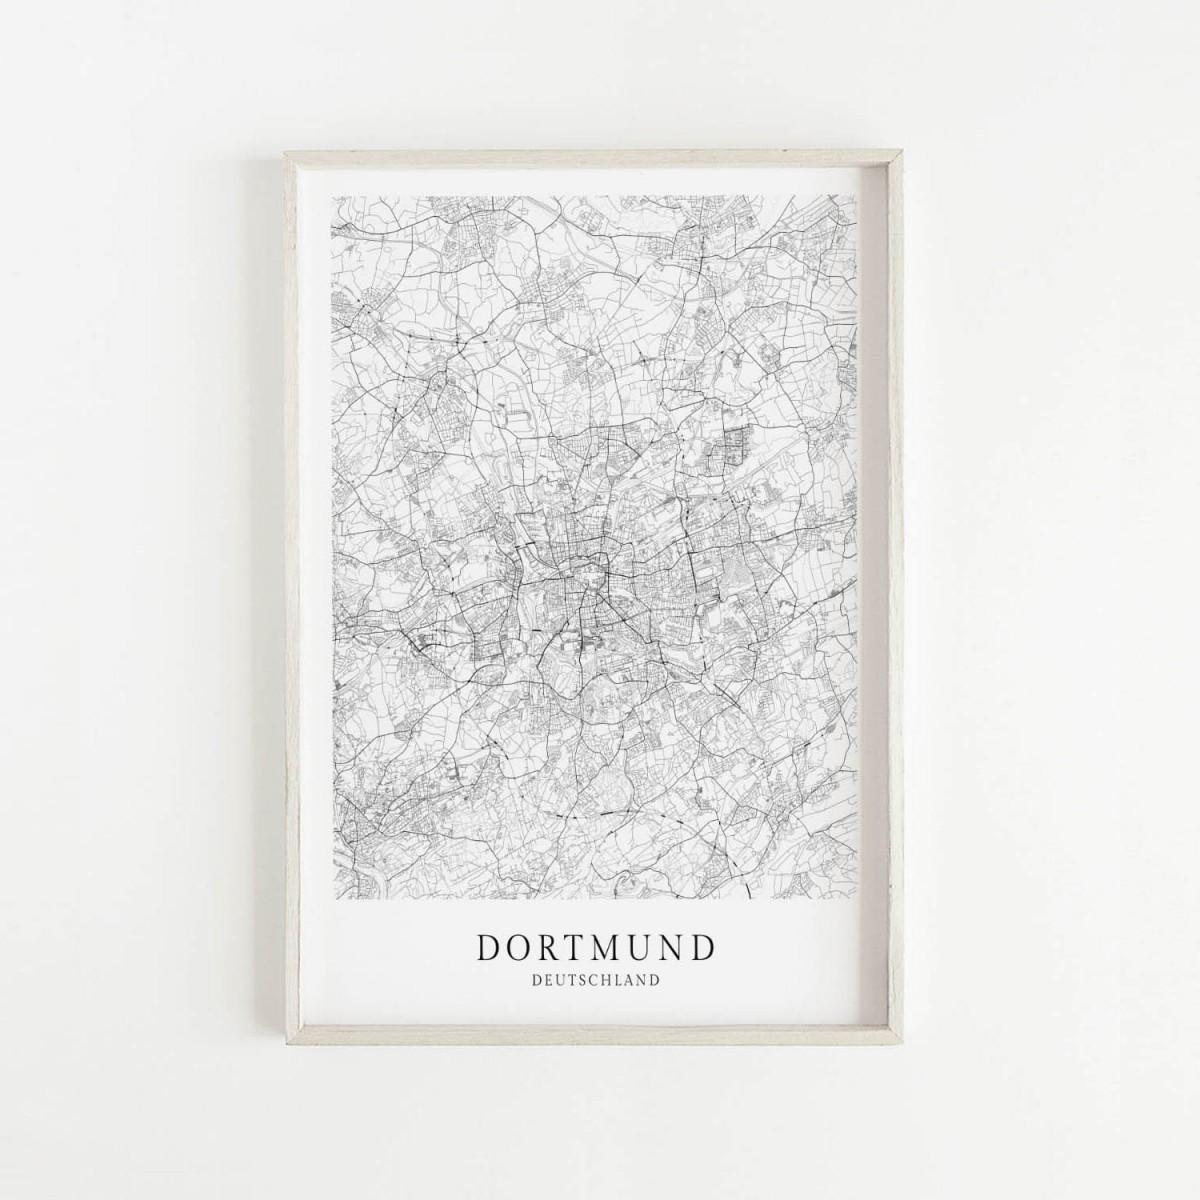 DORTMUND als hochwertiges Poster im skandinavischen Stil von Skanemarie +++ Geschenkidee